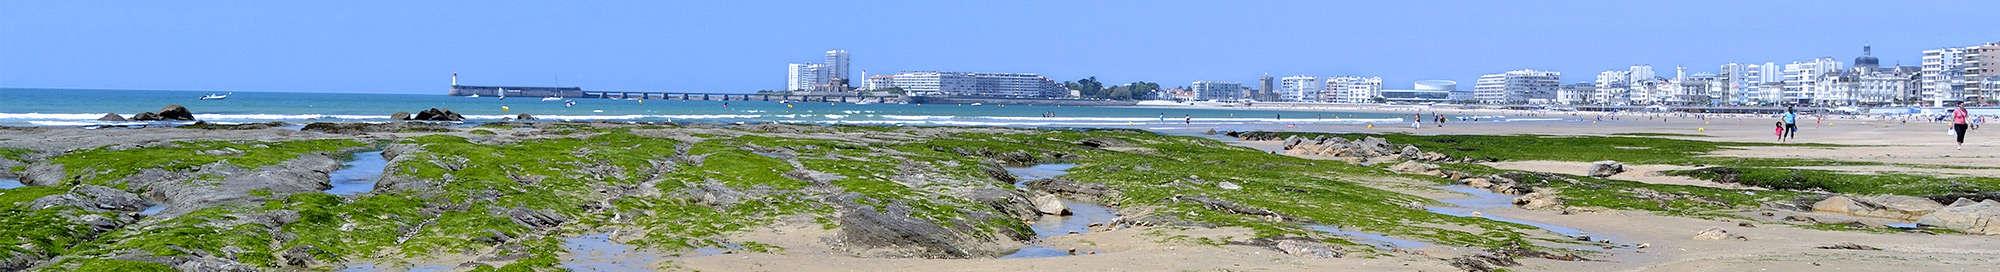 Week-end A la mer Saint Gilles Croix de Vie